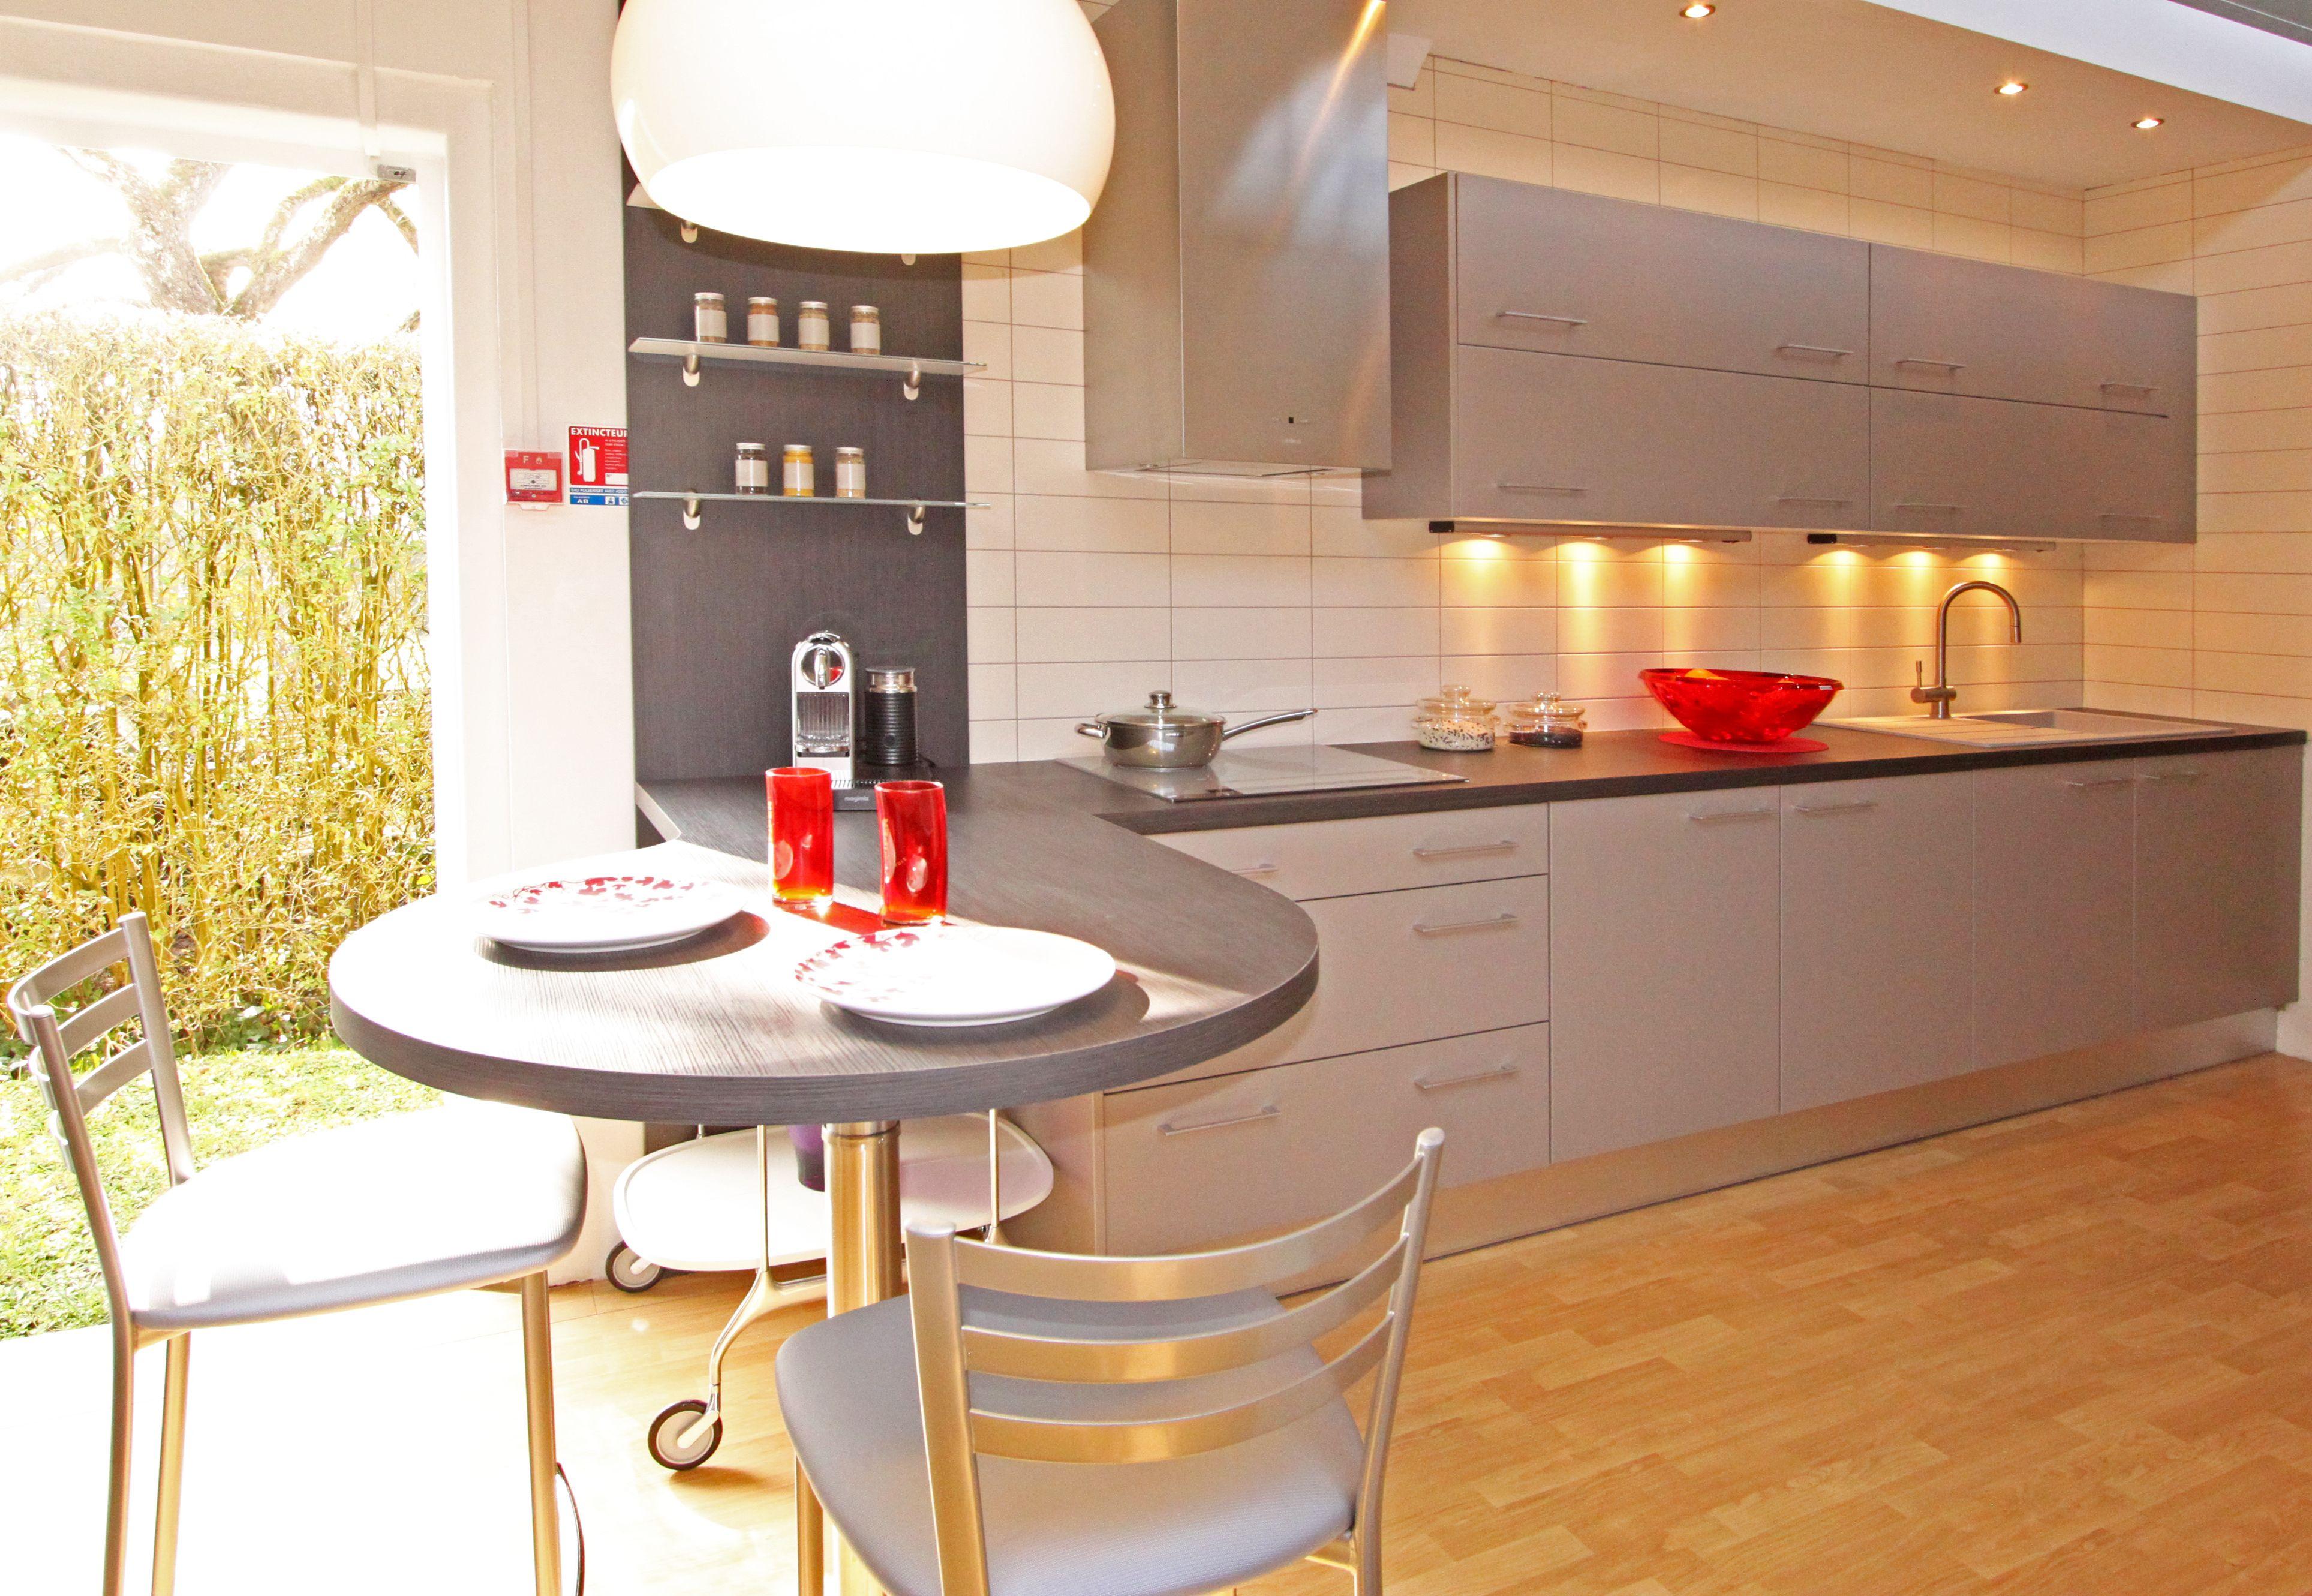 Cuisine taupe fabrimeuble cuisines en 2019 cuisine taupe salle de bain et fabricant cuisine - Fabricant de cuisine en france ...